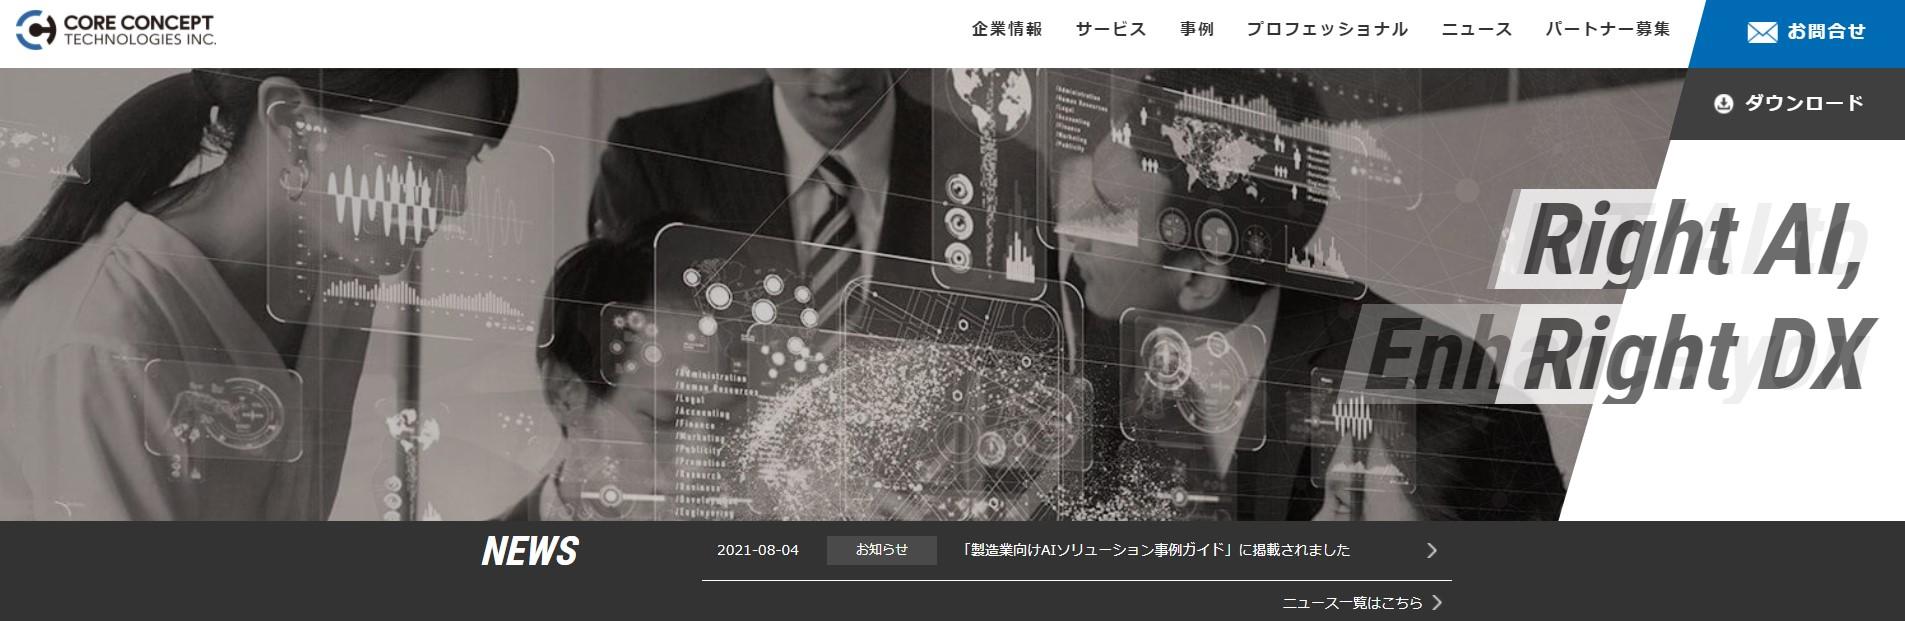 コアコンセプト・テクノロジー(4371)IPO